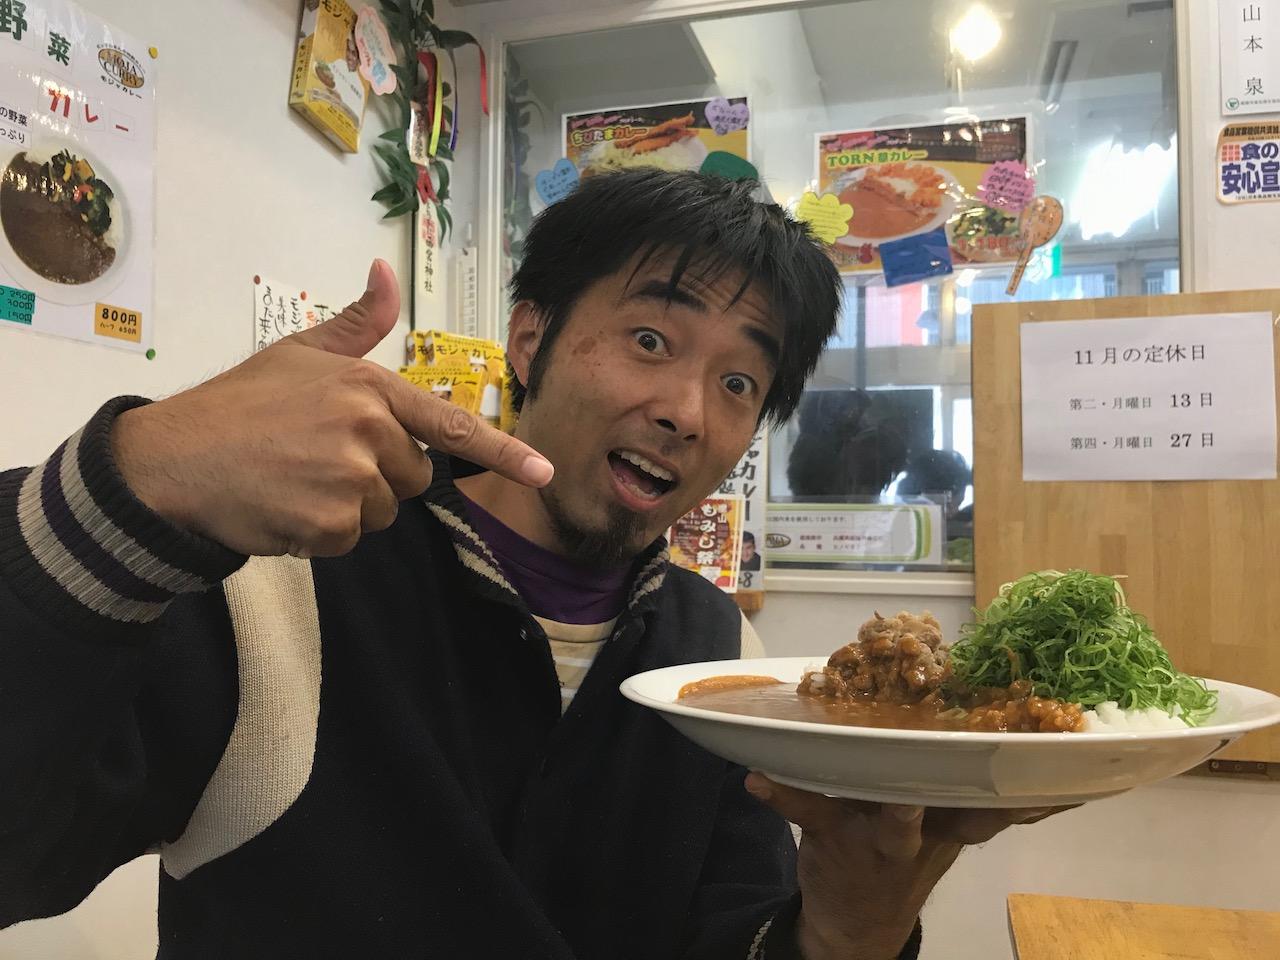 スペシャルゲストと姫路駅前で汗だくになりながら激辛モジャカレーを食べてきた!